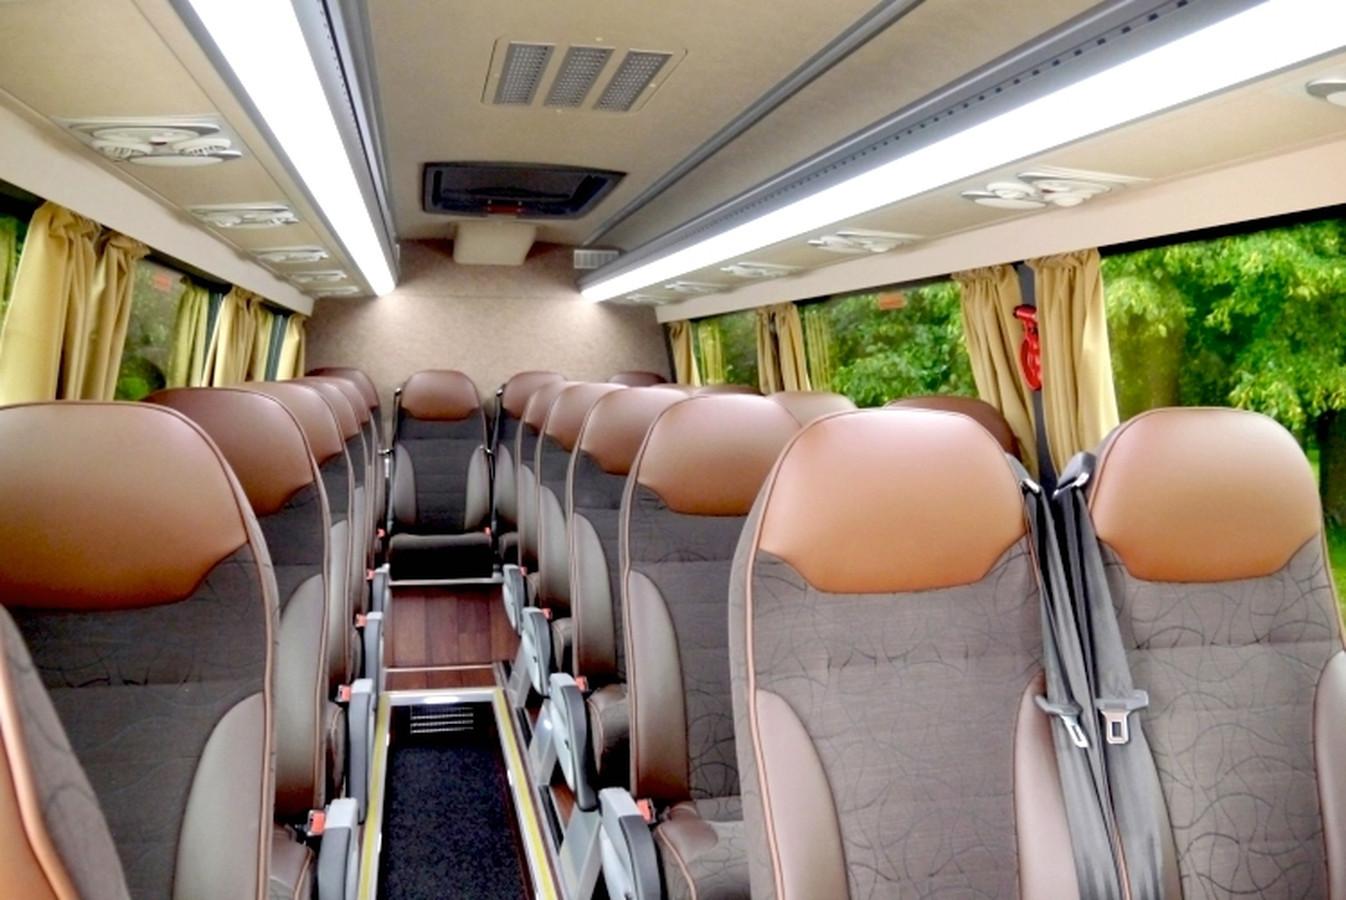 NAUJAUSIŲ Tourline klasės MERCEDES BENZ SPRINTER - 19 vietų mikroautobiusų nuoma Klaipėdoje ir visoje Lietuvoje. Siekiame maksimaliai patenkinti klientų poreikius ir garantuoti aukščiausią aptarnavimo lygį. Teikiame tik kokybiškas keleivių pervežimo paslaugas ir garantuojame patogias keliones užsakomaisiais reisais Lietuvoje, Baltijos šalyse ir visoje Europoje